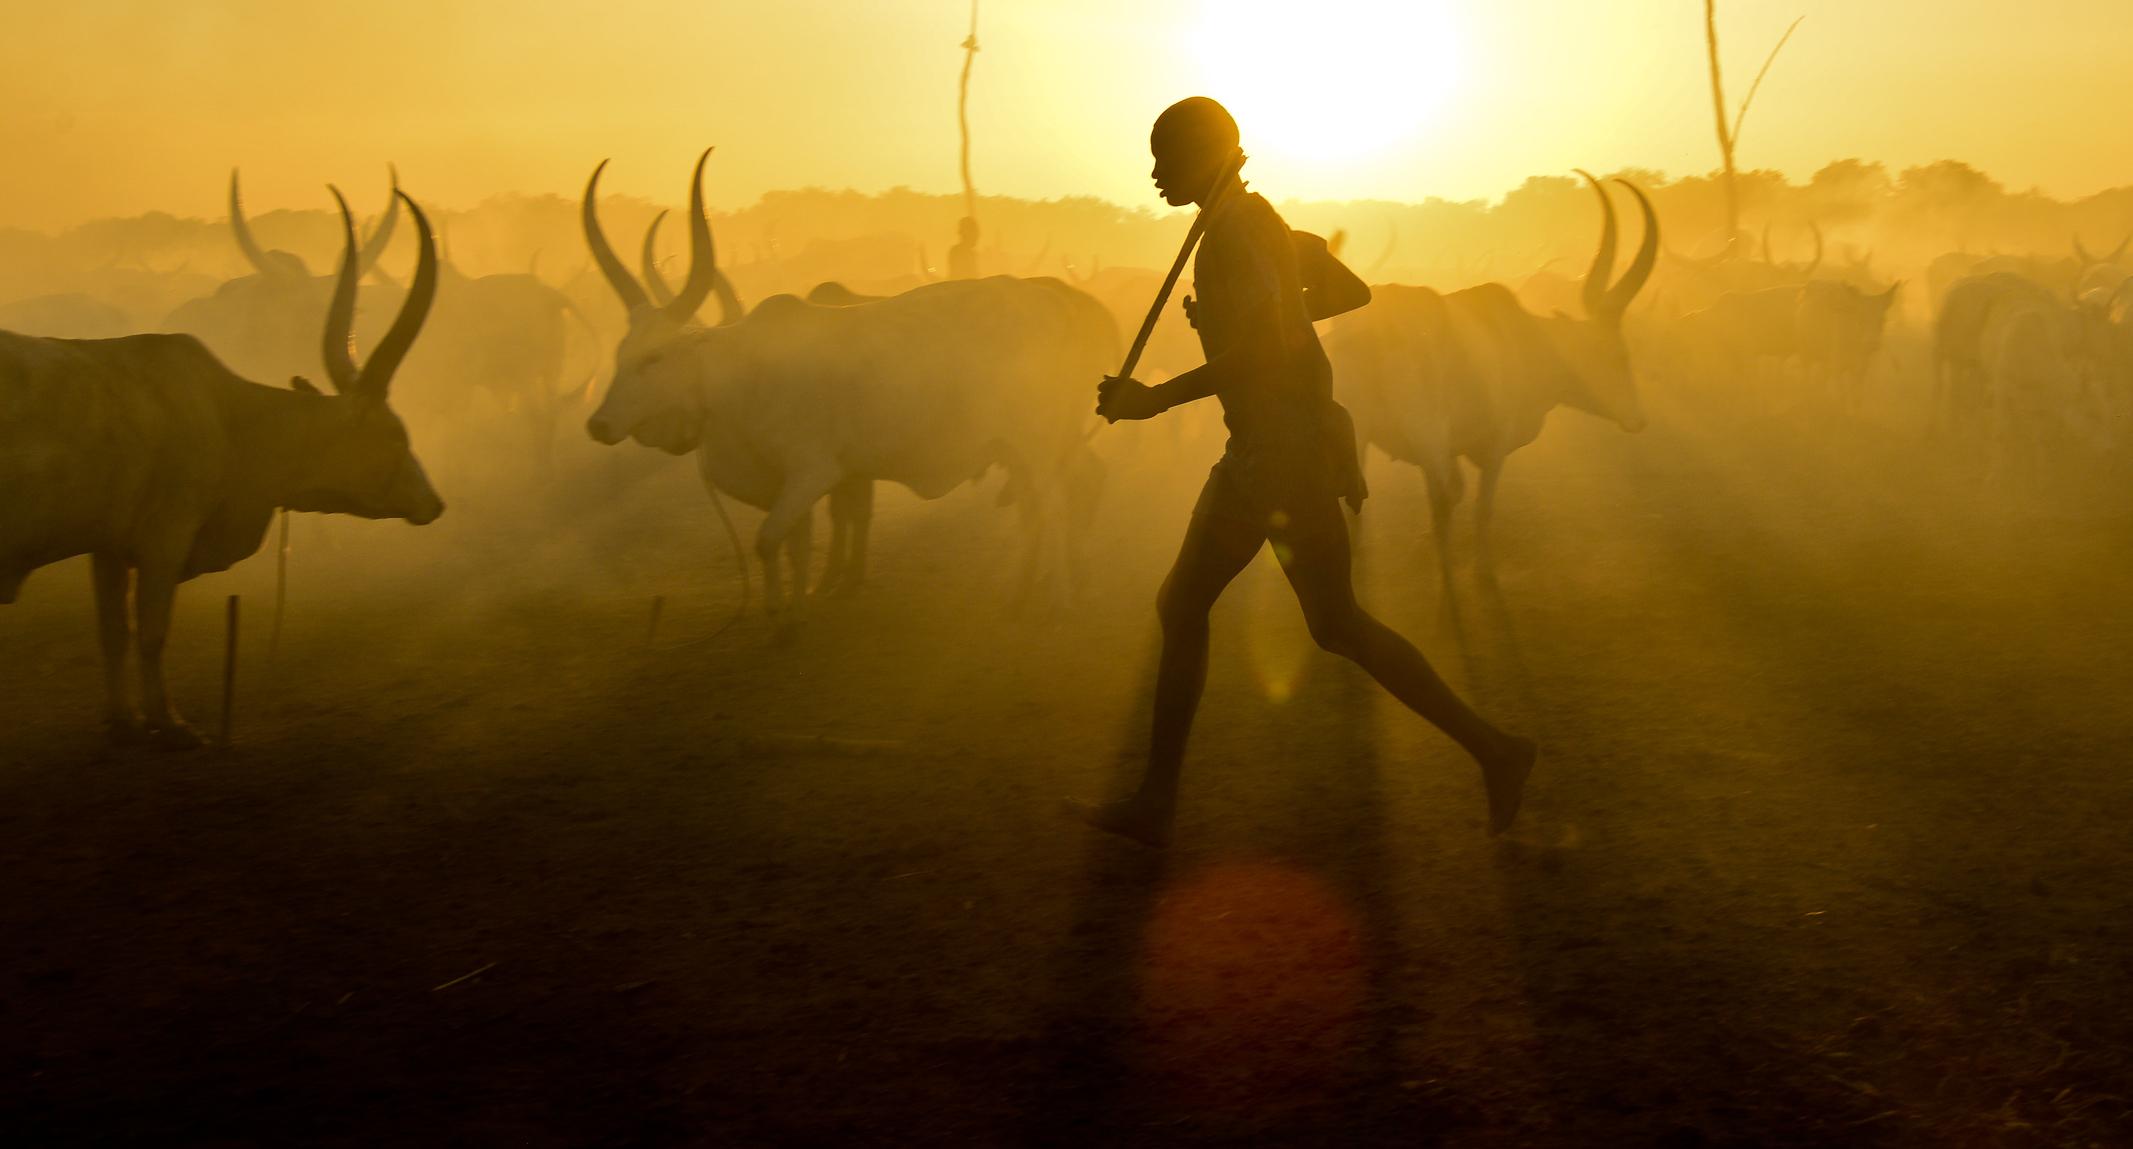 Herding cattle at dusk, South Sudan